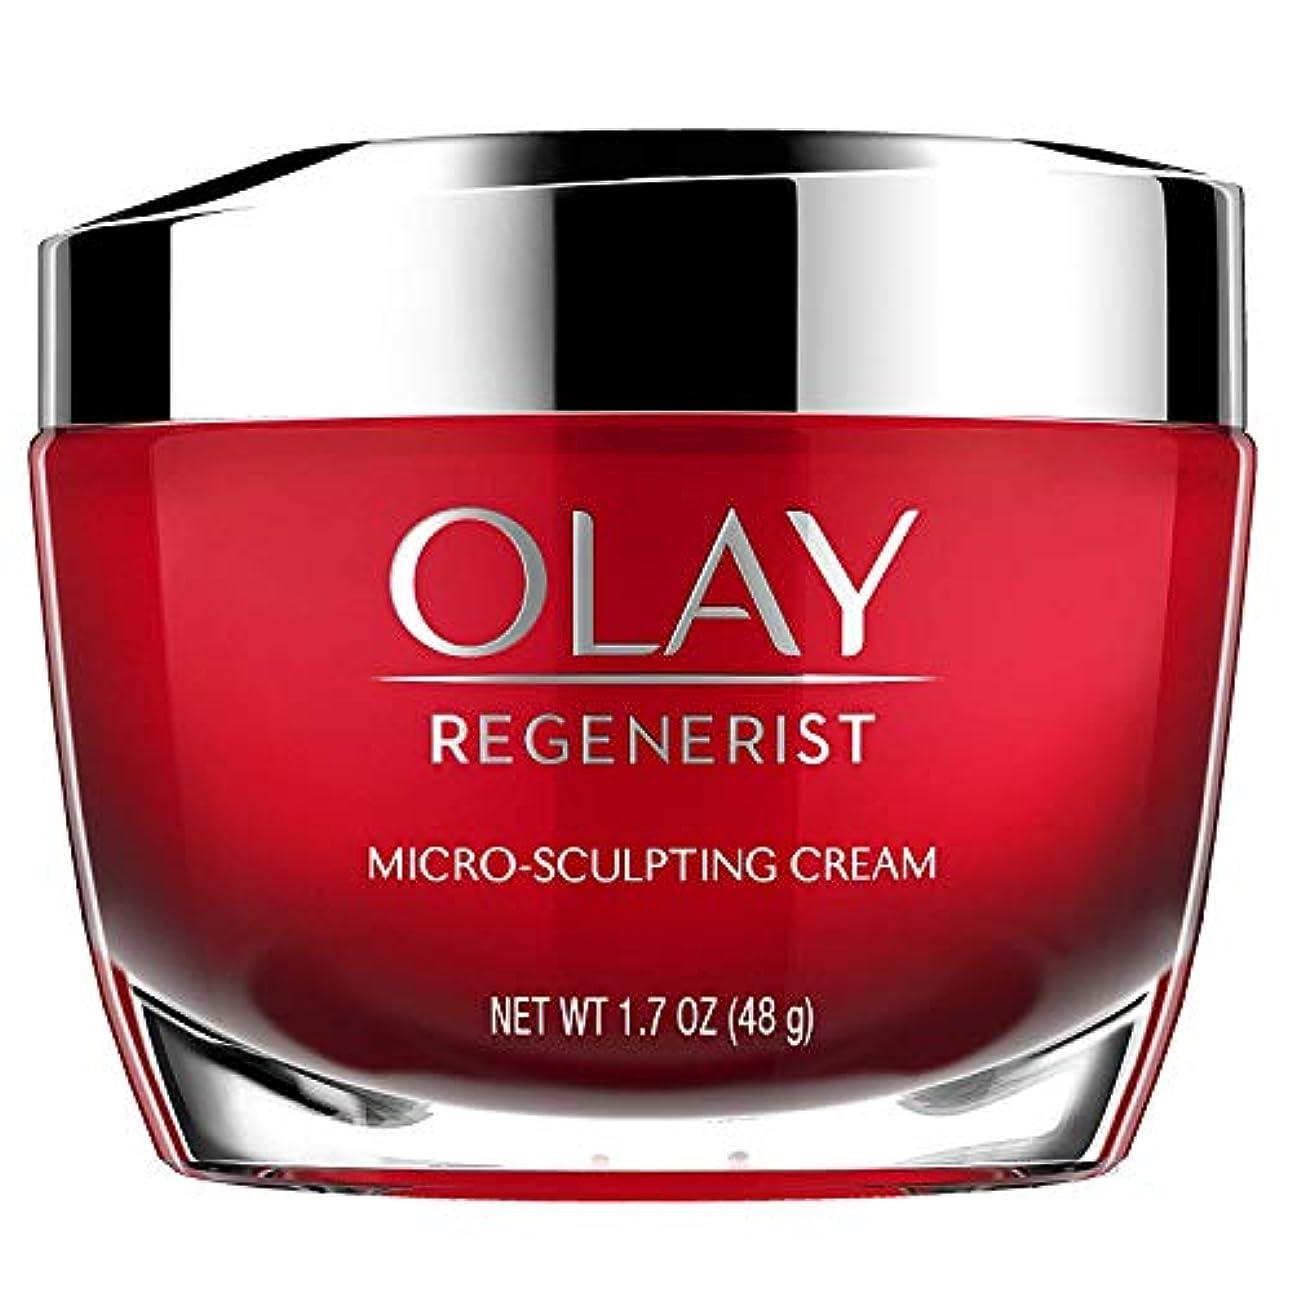 [(オレイ) Olay] [Face Moisturizer with Collagen Peptides by Olay Regenerist, Micro-Sculpting Cream, 1.7 oz] (並行輸入品)